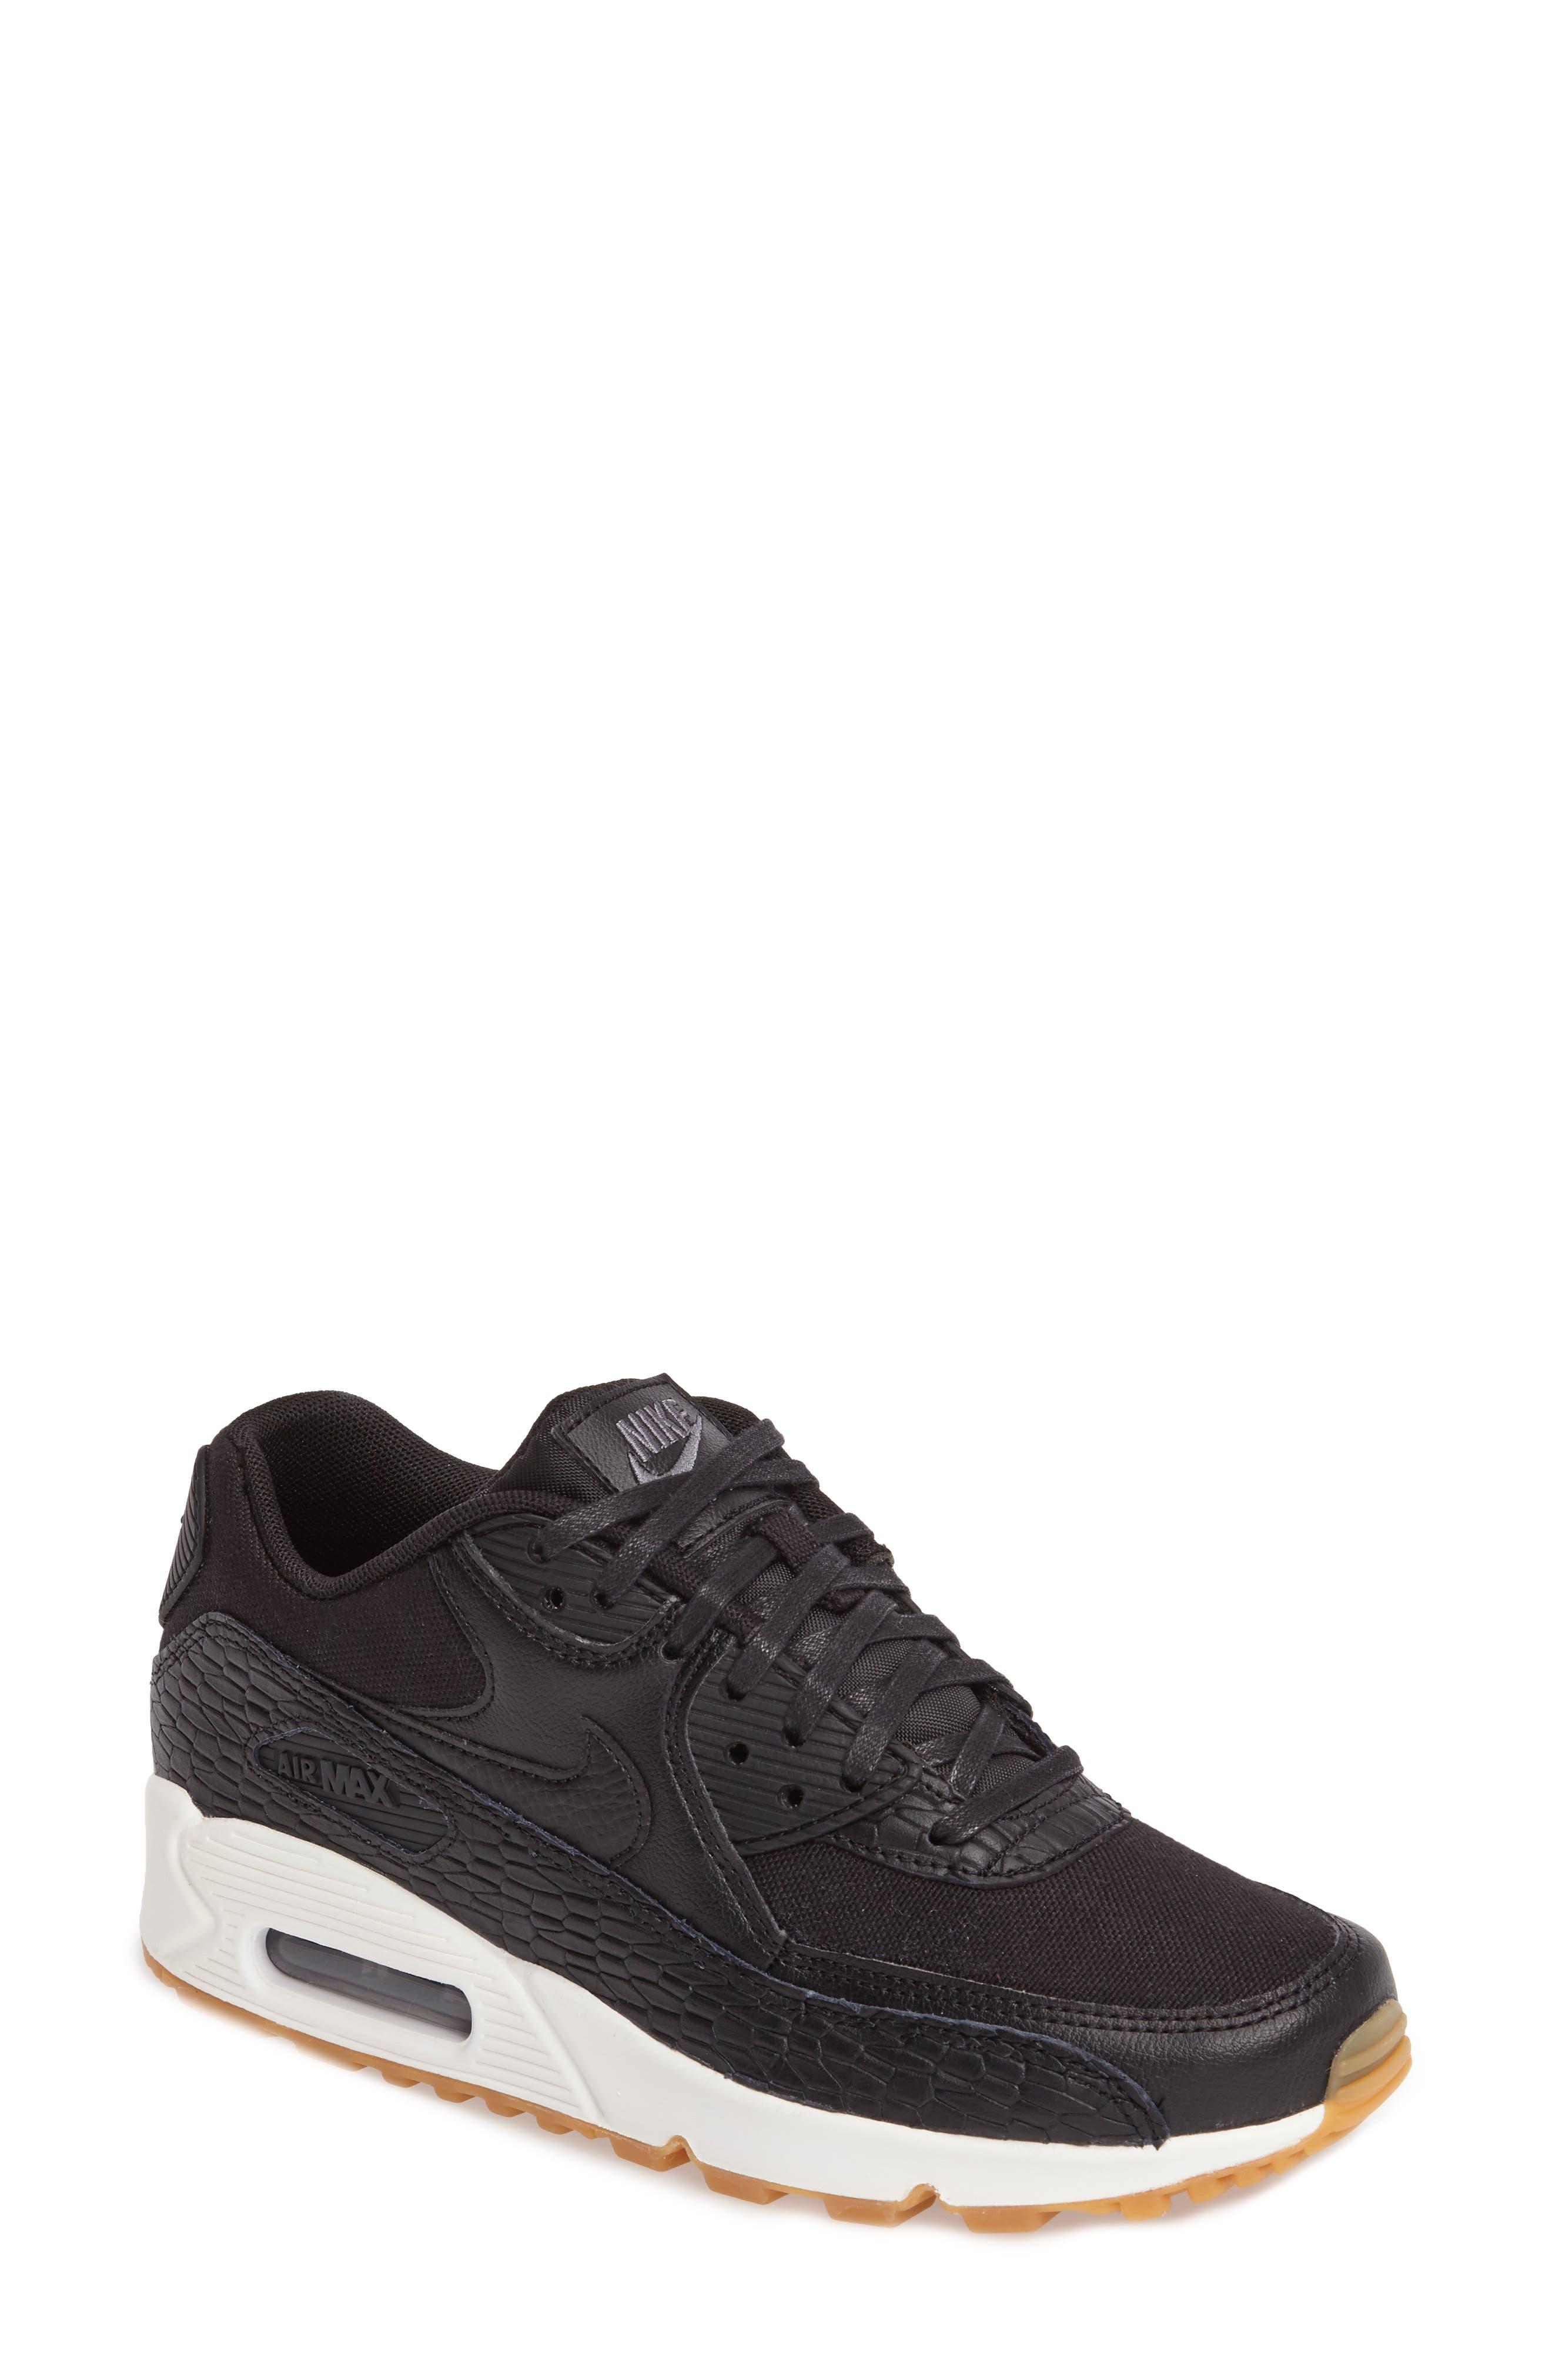 Air Max 90 Premium Leather Sneaker,                             Main thumbnail 1, color,                             Black/ Dark Grey/ Ivory